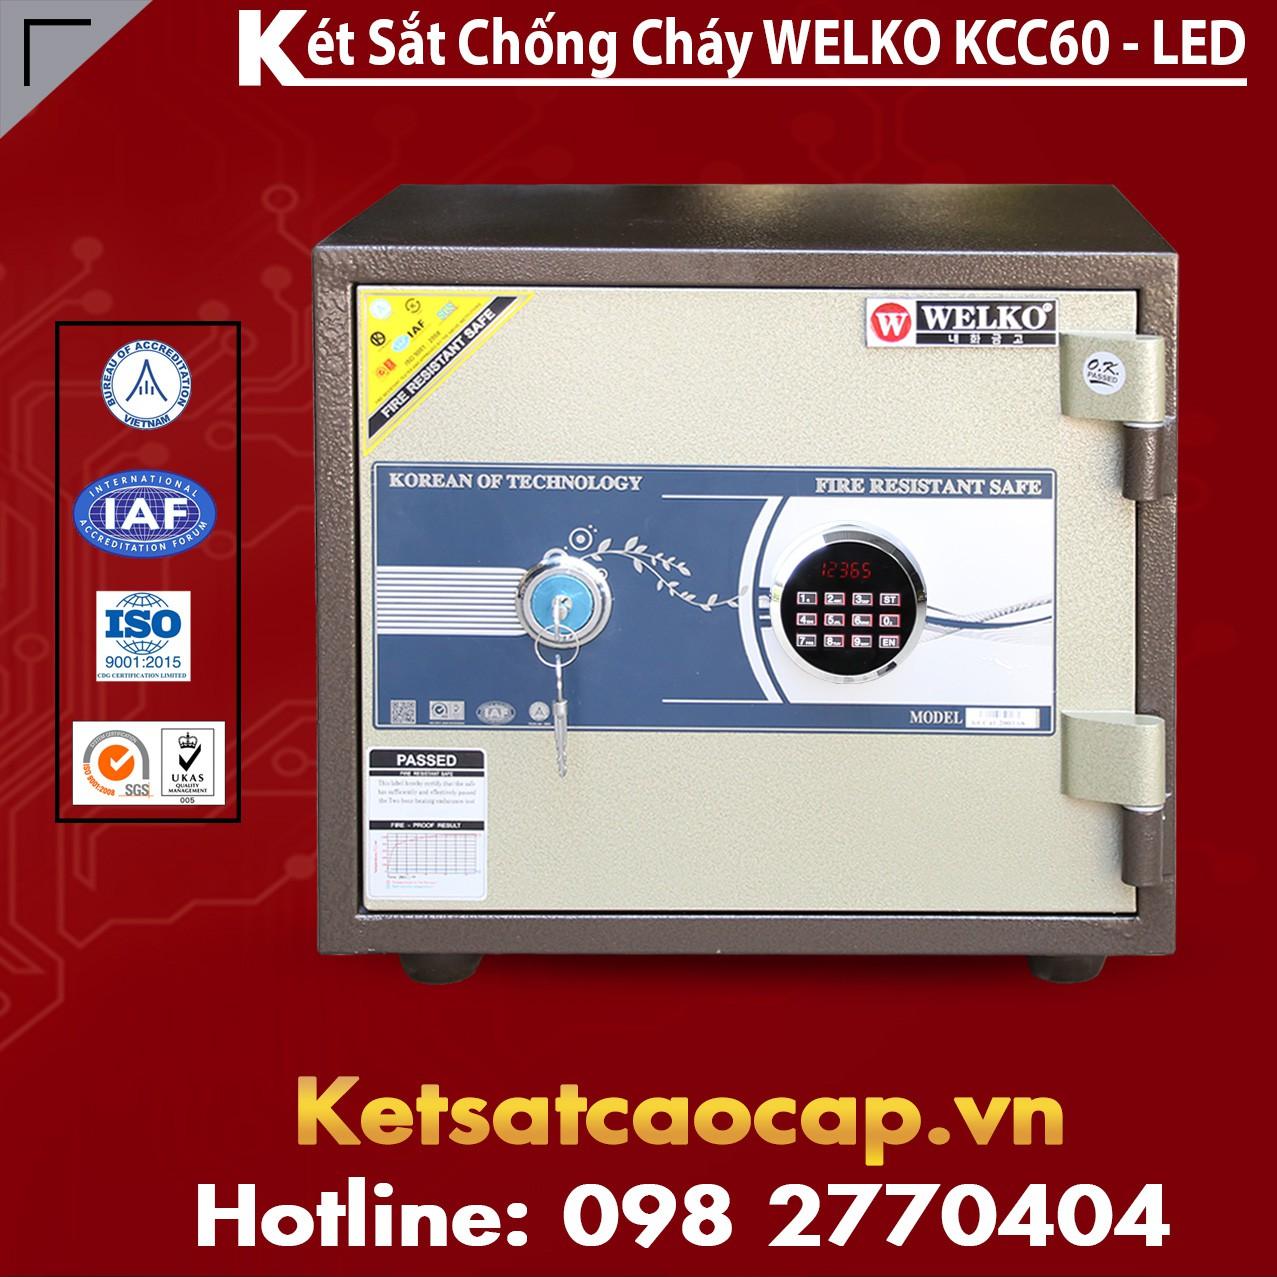 Két Sắt Bình Dương WELKO KCC60 - LED